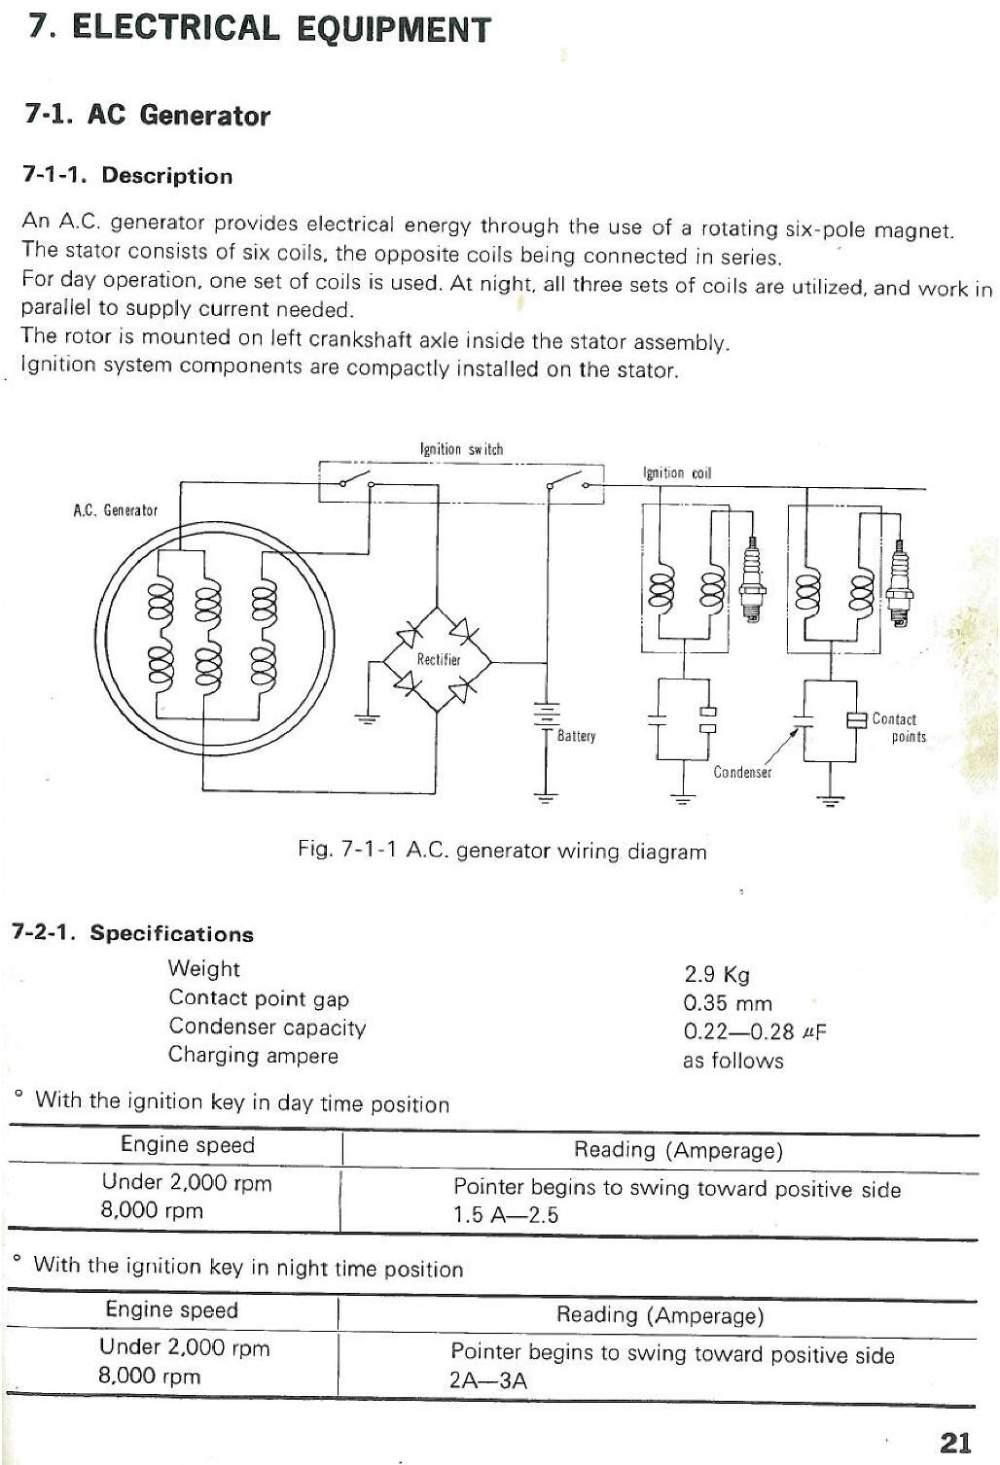 medium resolution of suzuki t250 wiring diagram suzuki auto wiring diagram motorcycle wiring harness diagram suzuki 230 quadsport wiring